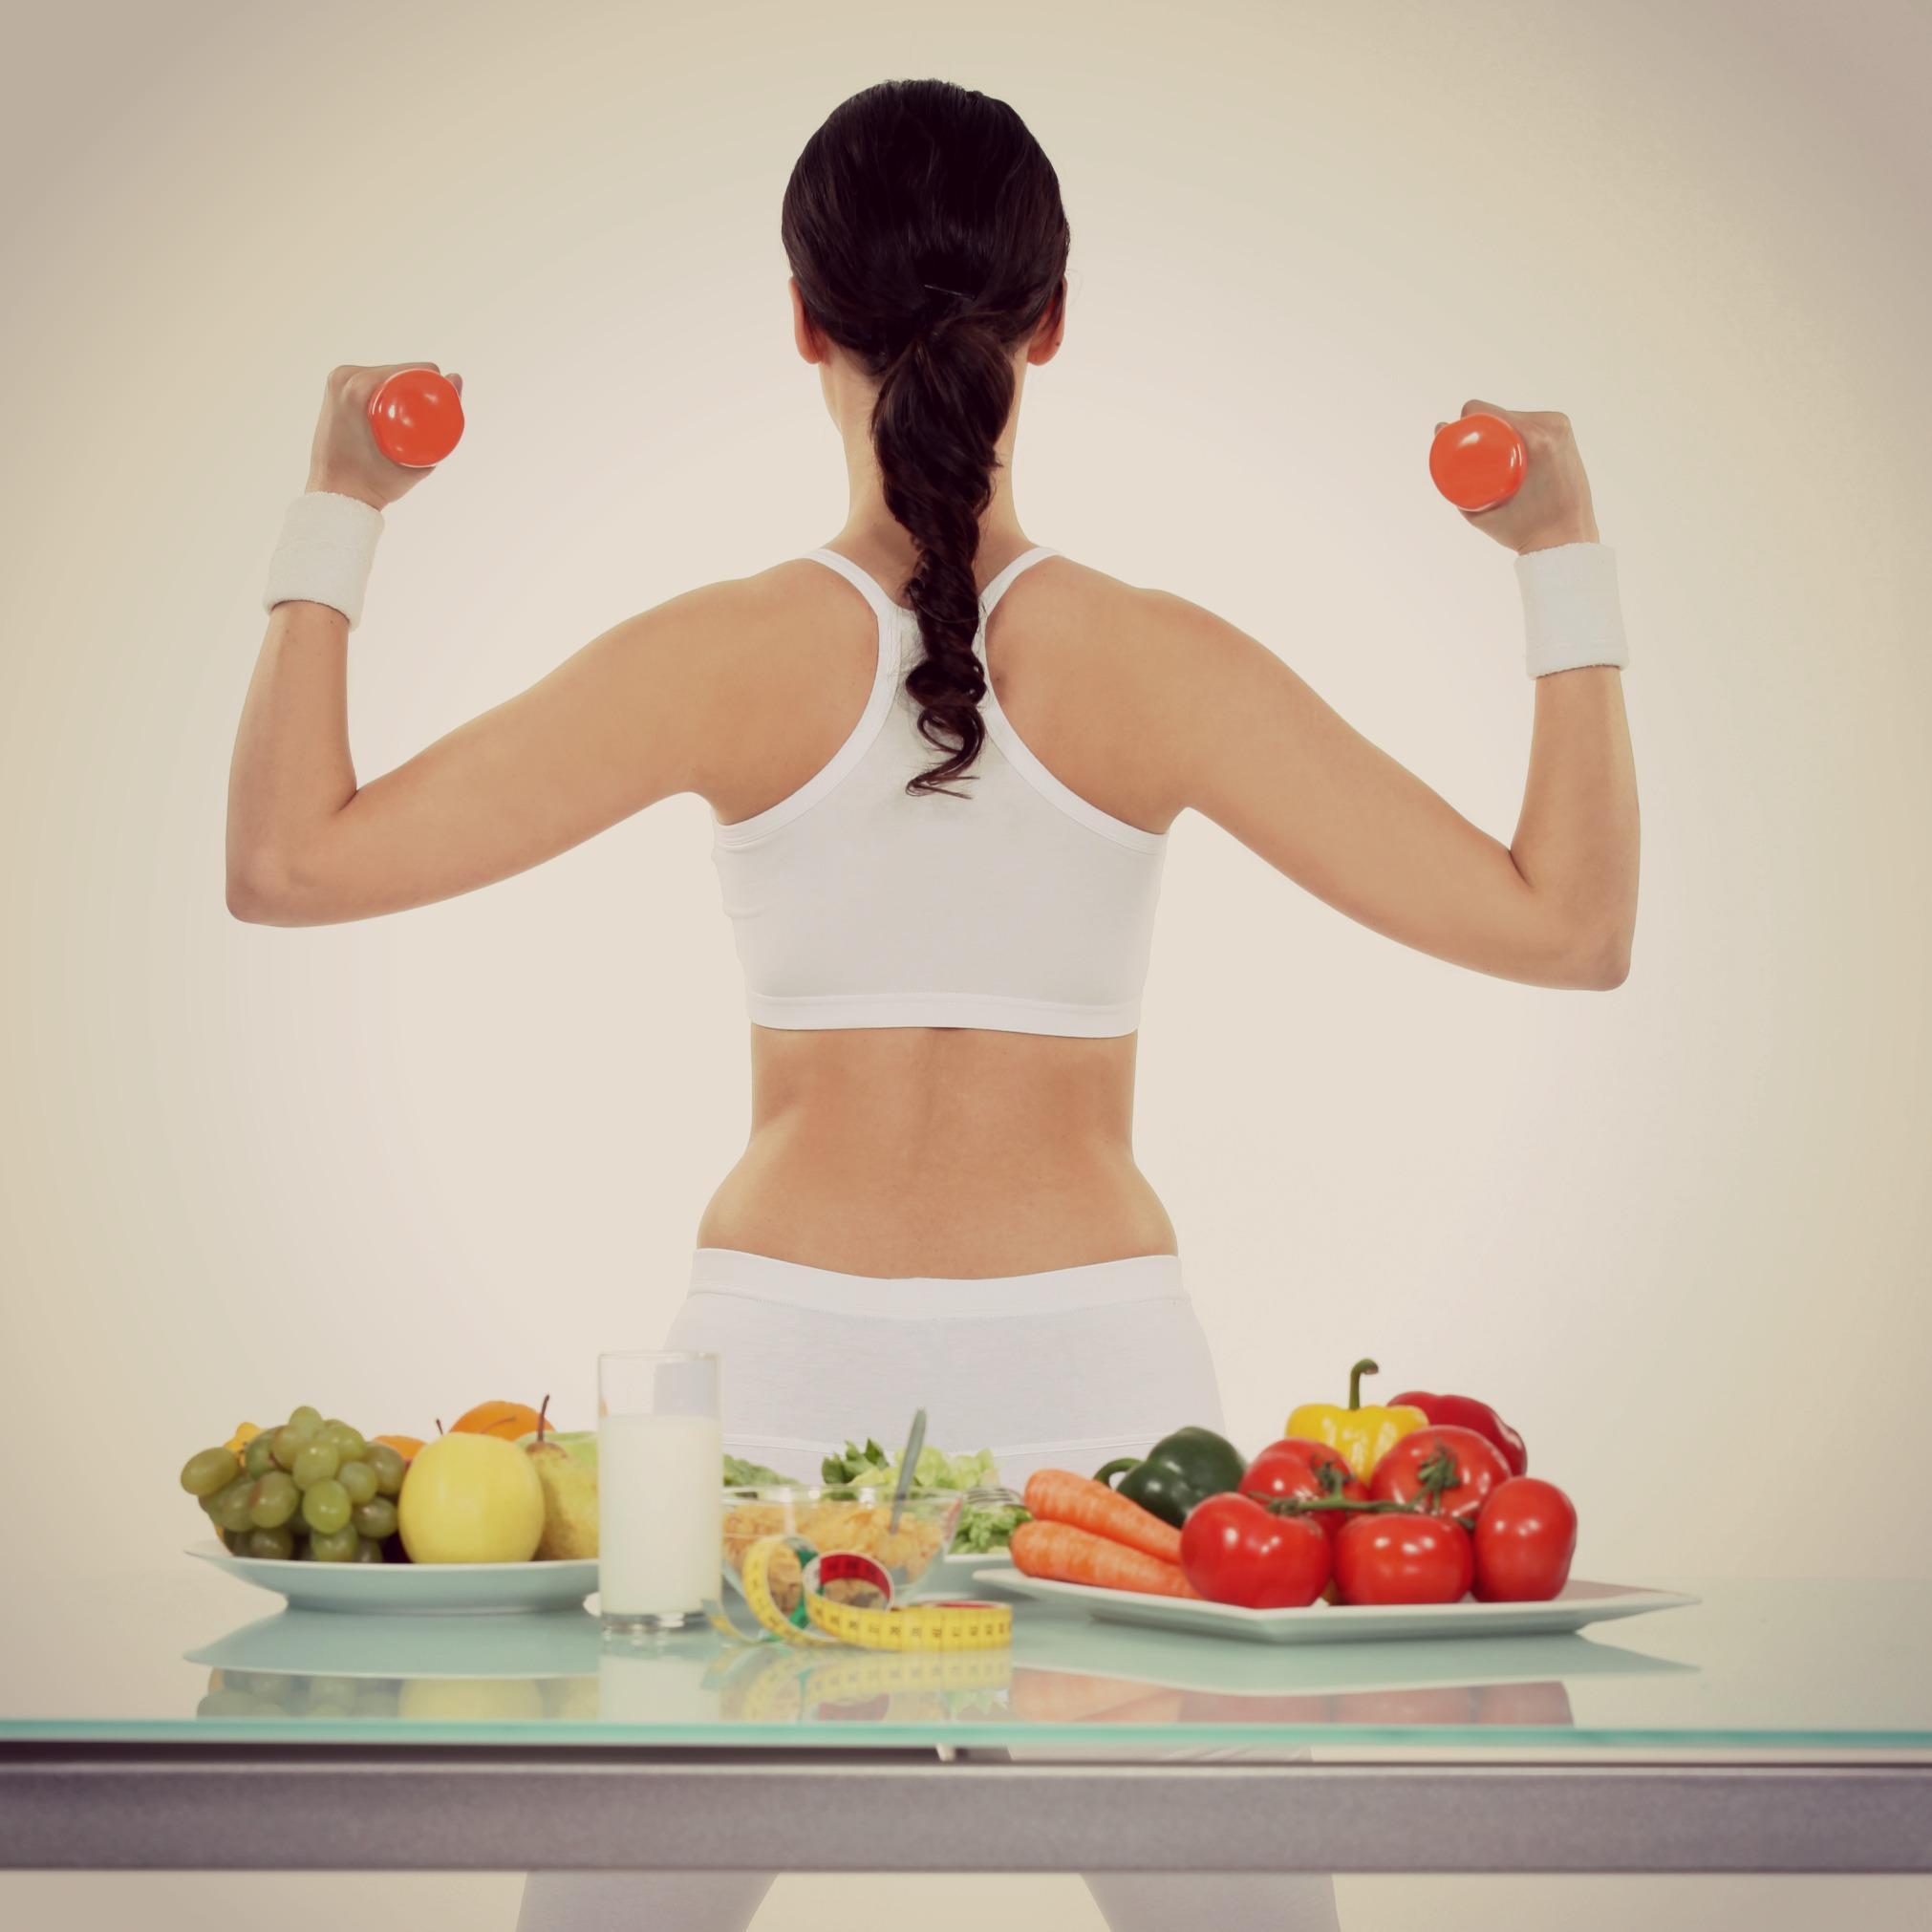 Что надо есть, чтобы набрать вес: калории и меню для набора массы